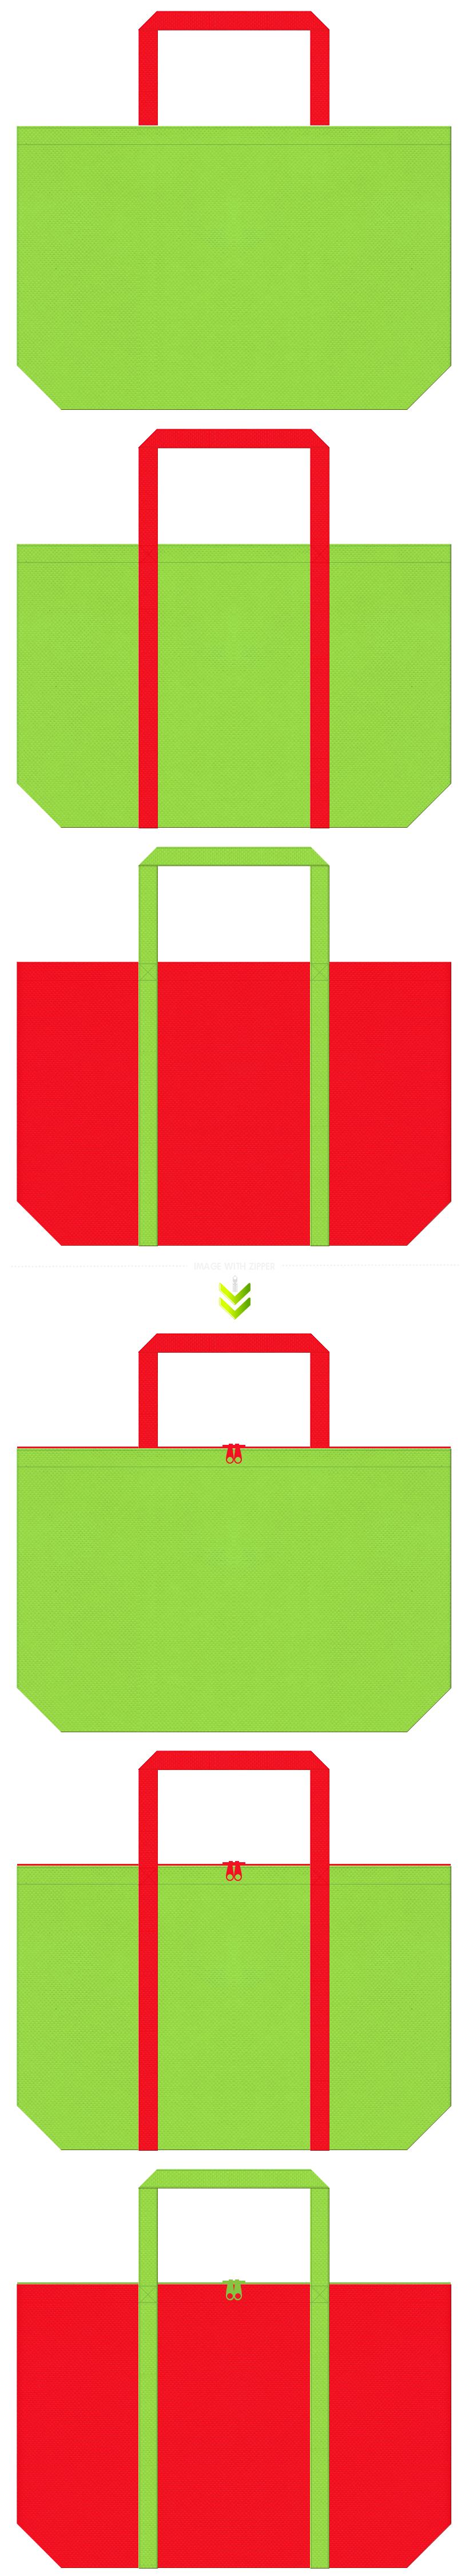 黄緑色と赤色の不織布エコバッグのデザイン。